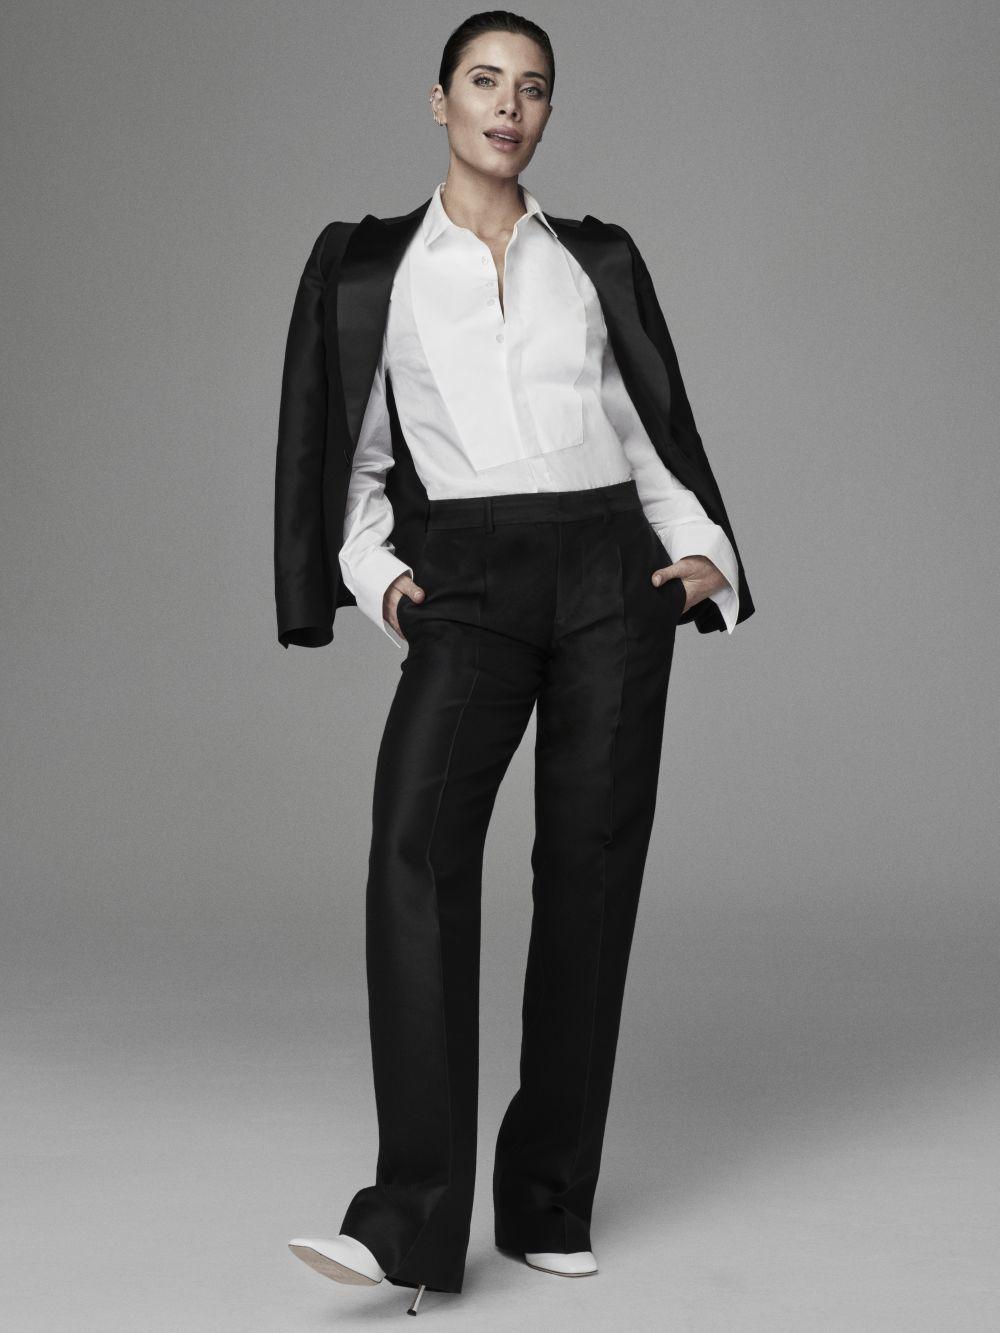 Pilar Rubio con esmoquin y camisa de Dsquared2 y zapatos de Boss.